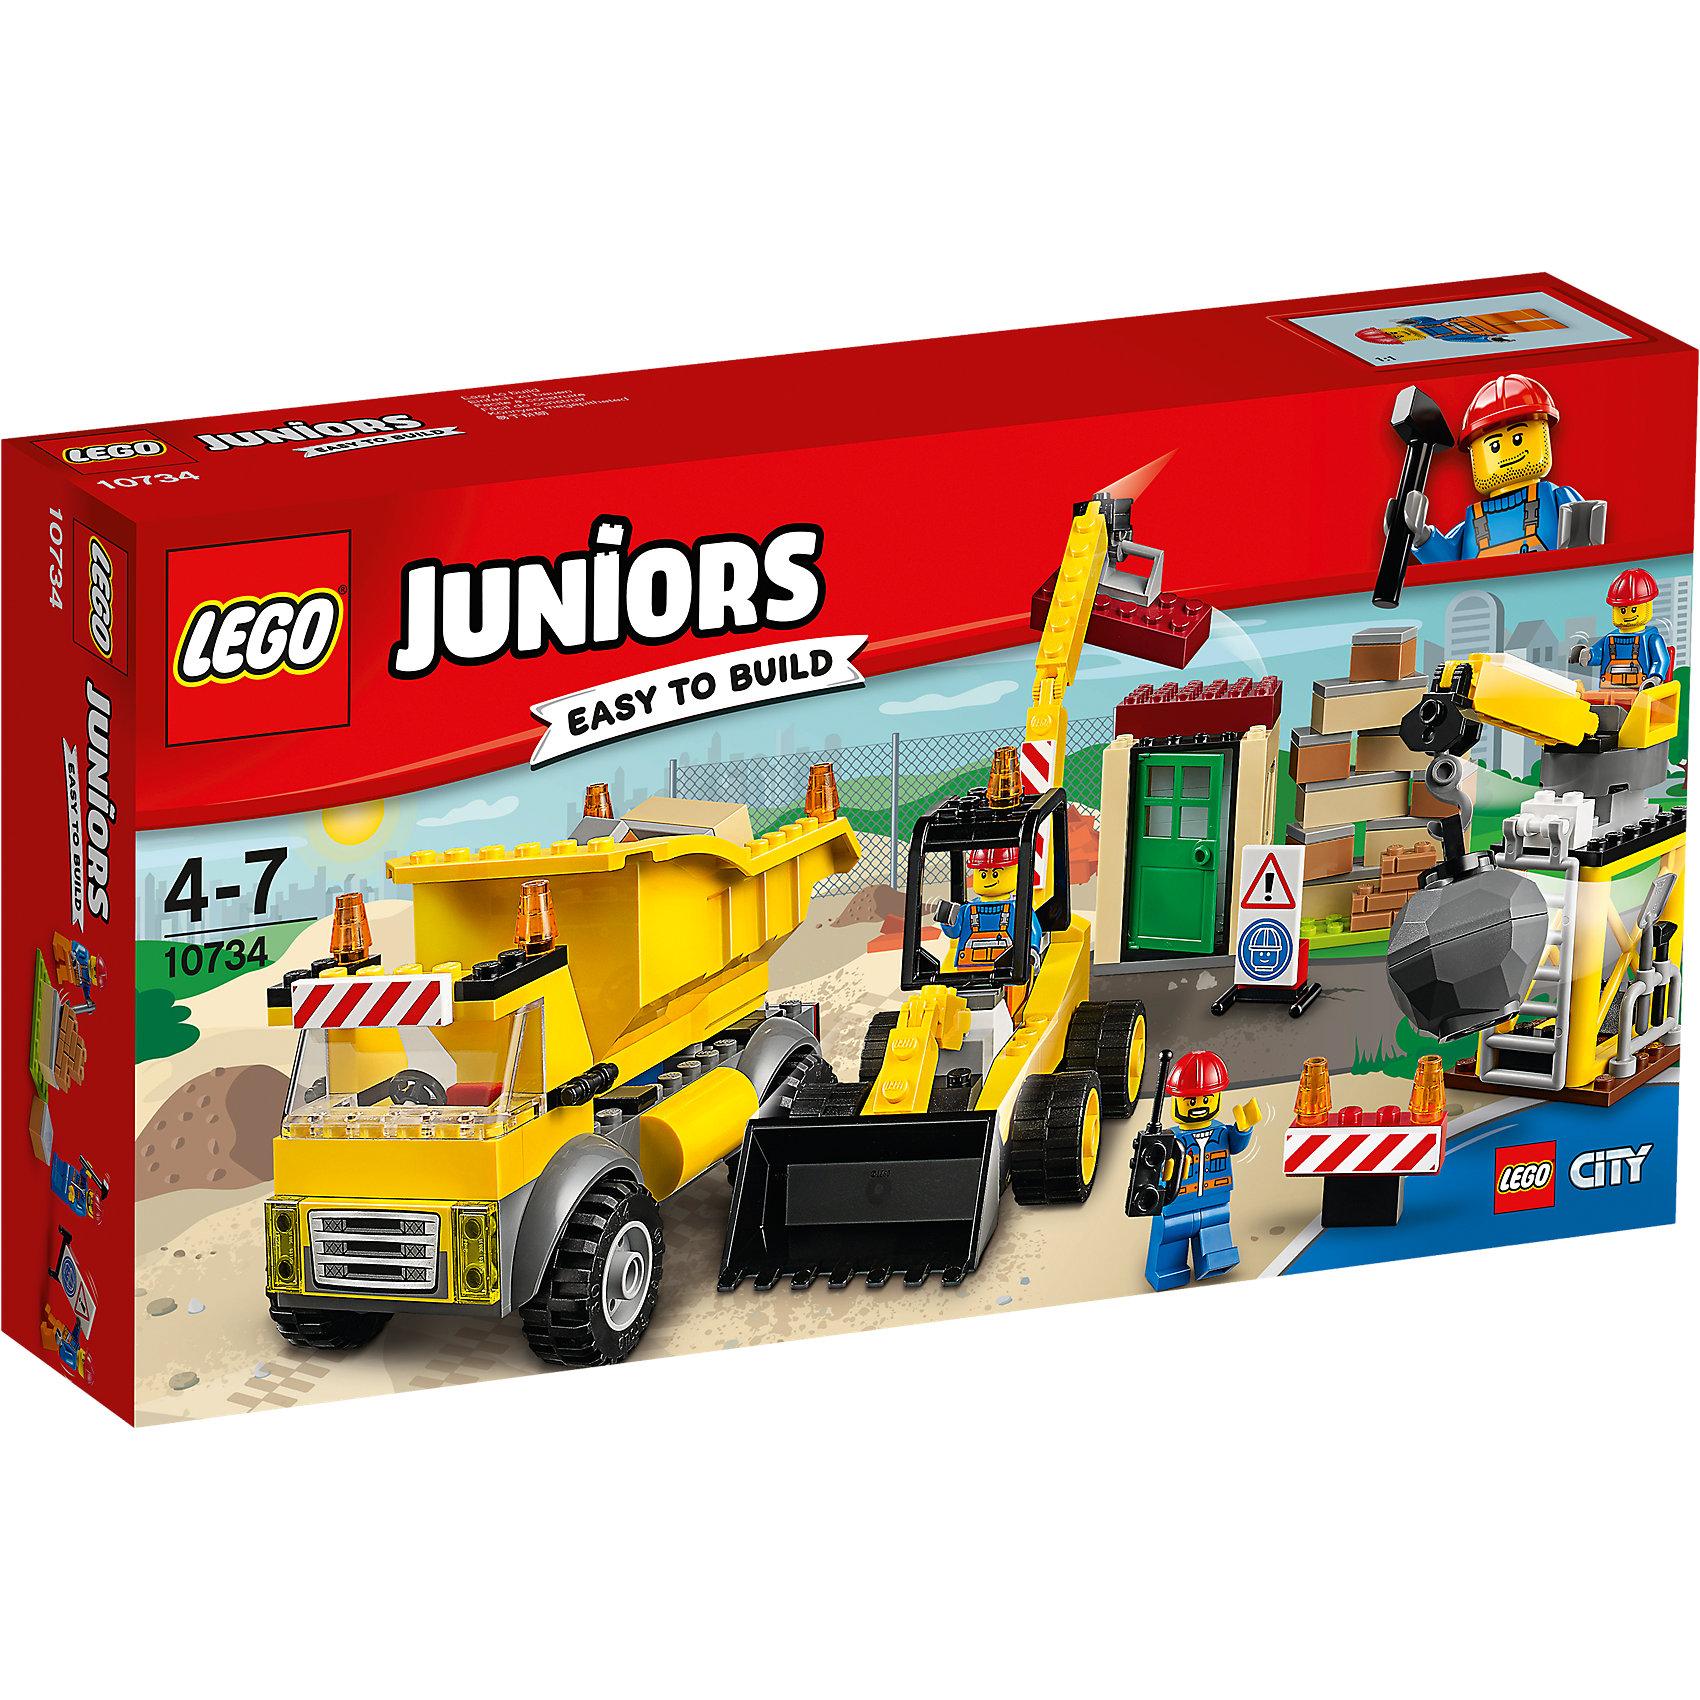 LEGO Juniors 10734: СтройплощадкаПластмассовые конструкторы<br>LEGO Juniors 10734: Стройплощадка<br><br>Характеристики:<br><br>- в набор входит: детали строительной техники и постройки, 3 минифигурки, аксессуары, красочная инструкция<br>- минифигурки набора: три рабочих<br>- состав: пластик<br>- количество деталей: 175 <br>- размер упаковки: 19 * 7 * 35 см.<br>- для детей в возрасте: от 4 до 7 лет<br>- Страна производитель: Дания/Китай/Чехия<br><br>Легендарный конструктор LEGO (ЛЕГО) представляет серию «Juniors» (Джуниорс) для новичков в строительстве из конструктора ЛЕГО. Набор «Стройплощадка» включает в себя три строительные машины: экскаватор (20 * 6 * 13 см.), самосвал (13 * 6 * 8 см.) и кран для сноса зданий (13 * 5 * 8 см.). В набор входят три минифигурки рабочих в красных касках и с инструментами. Один из них может работать на кране и разрушит старые здания, другой рабочий будет собирать блоки ковшом экскаватора, а третий будет отвозить на самосвале ненужные детали и привозить новые для постройки нового дома. В наборе имеются дорожные знаки для обеспечения безопасности работ. Небольшая постройка набора отлично разбирается и собирается и позволяет игре быть еще более реалистичной. Играя с конструктором ребенок развивает моторику рук, воображение и логическое мышление. Придумывайте новые игры с набором LEGO «Juniors»!<br><br>Конструктор LEGO Juniors 10734: Стройплощадка можно купить в нашем интернет-магазине.<br><br>Ширина мм: 356<br>Глубина мм: 190<br>Высота мм: 78<br>Вес г: 537<br>Возраст от месяцев: 48<br>Возраст до месяцев: 84<br>Пол: Мужской<br>Возраст: Детский<br>SKU: 5002523